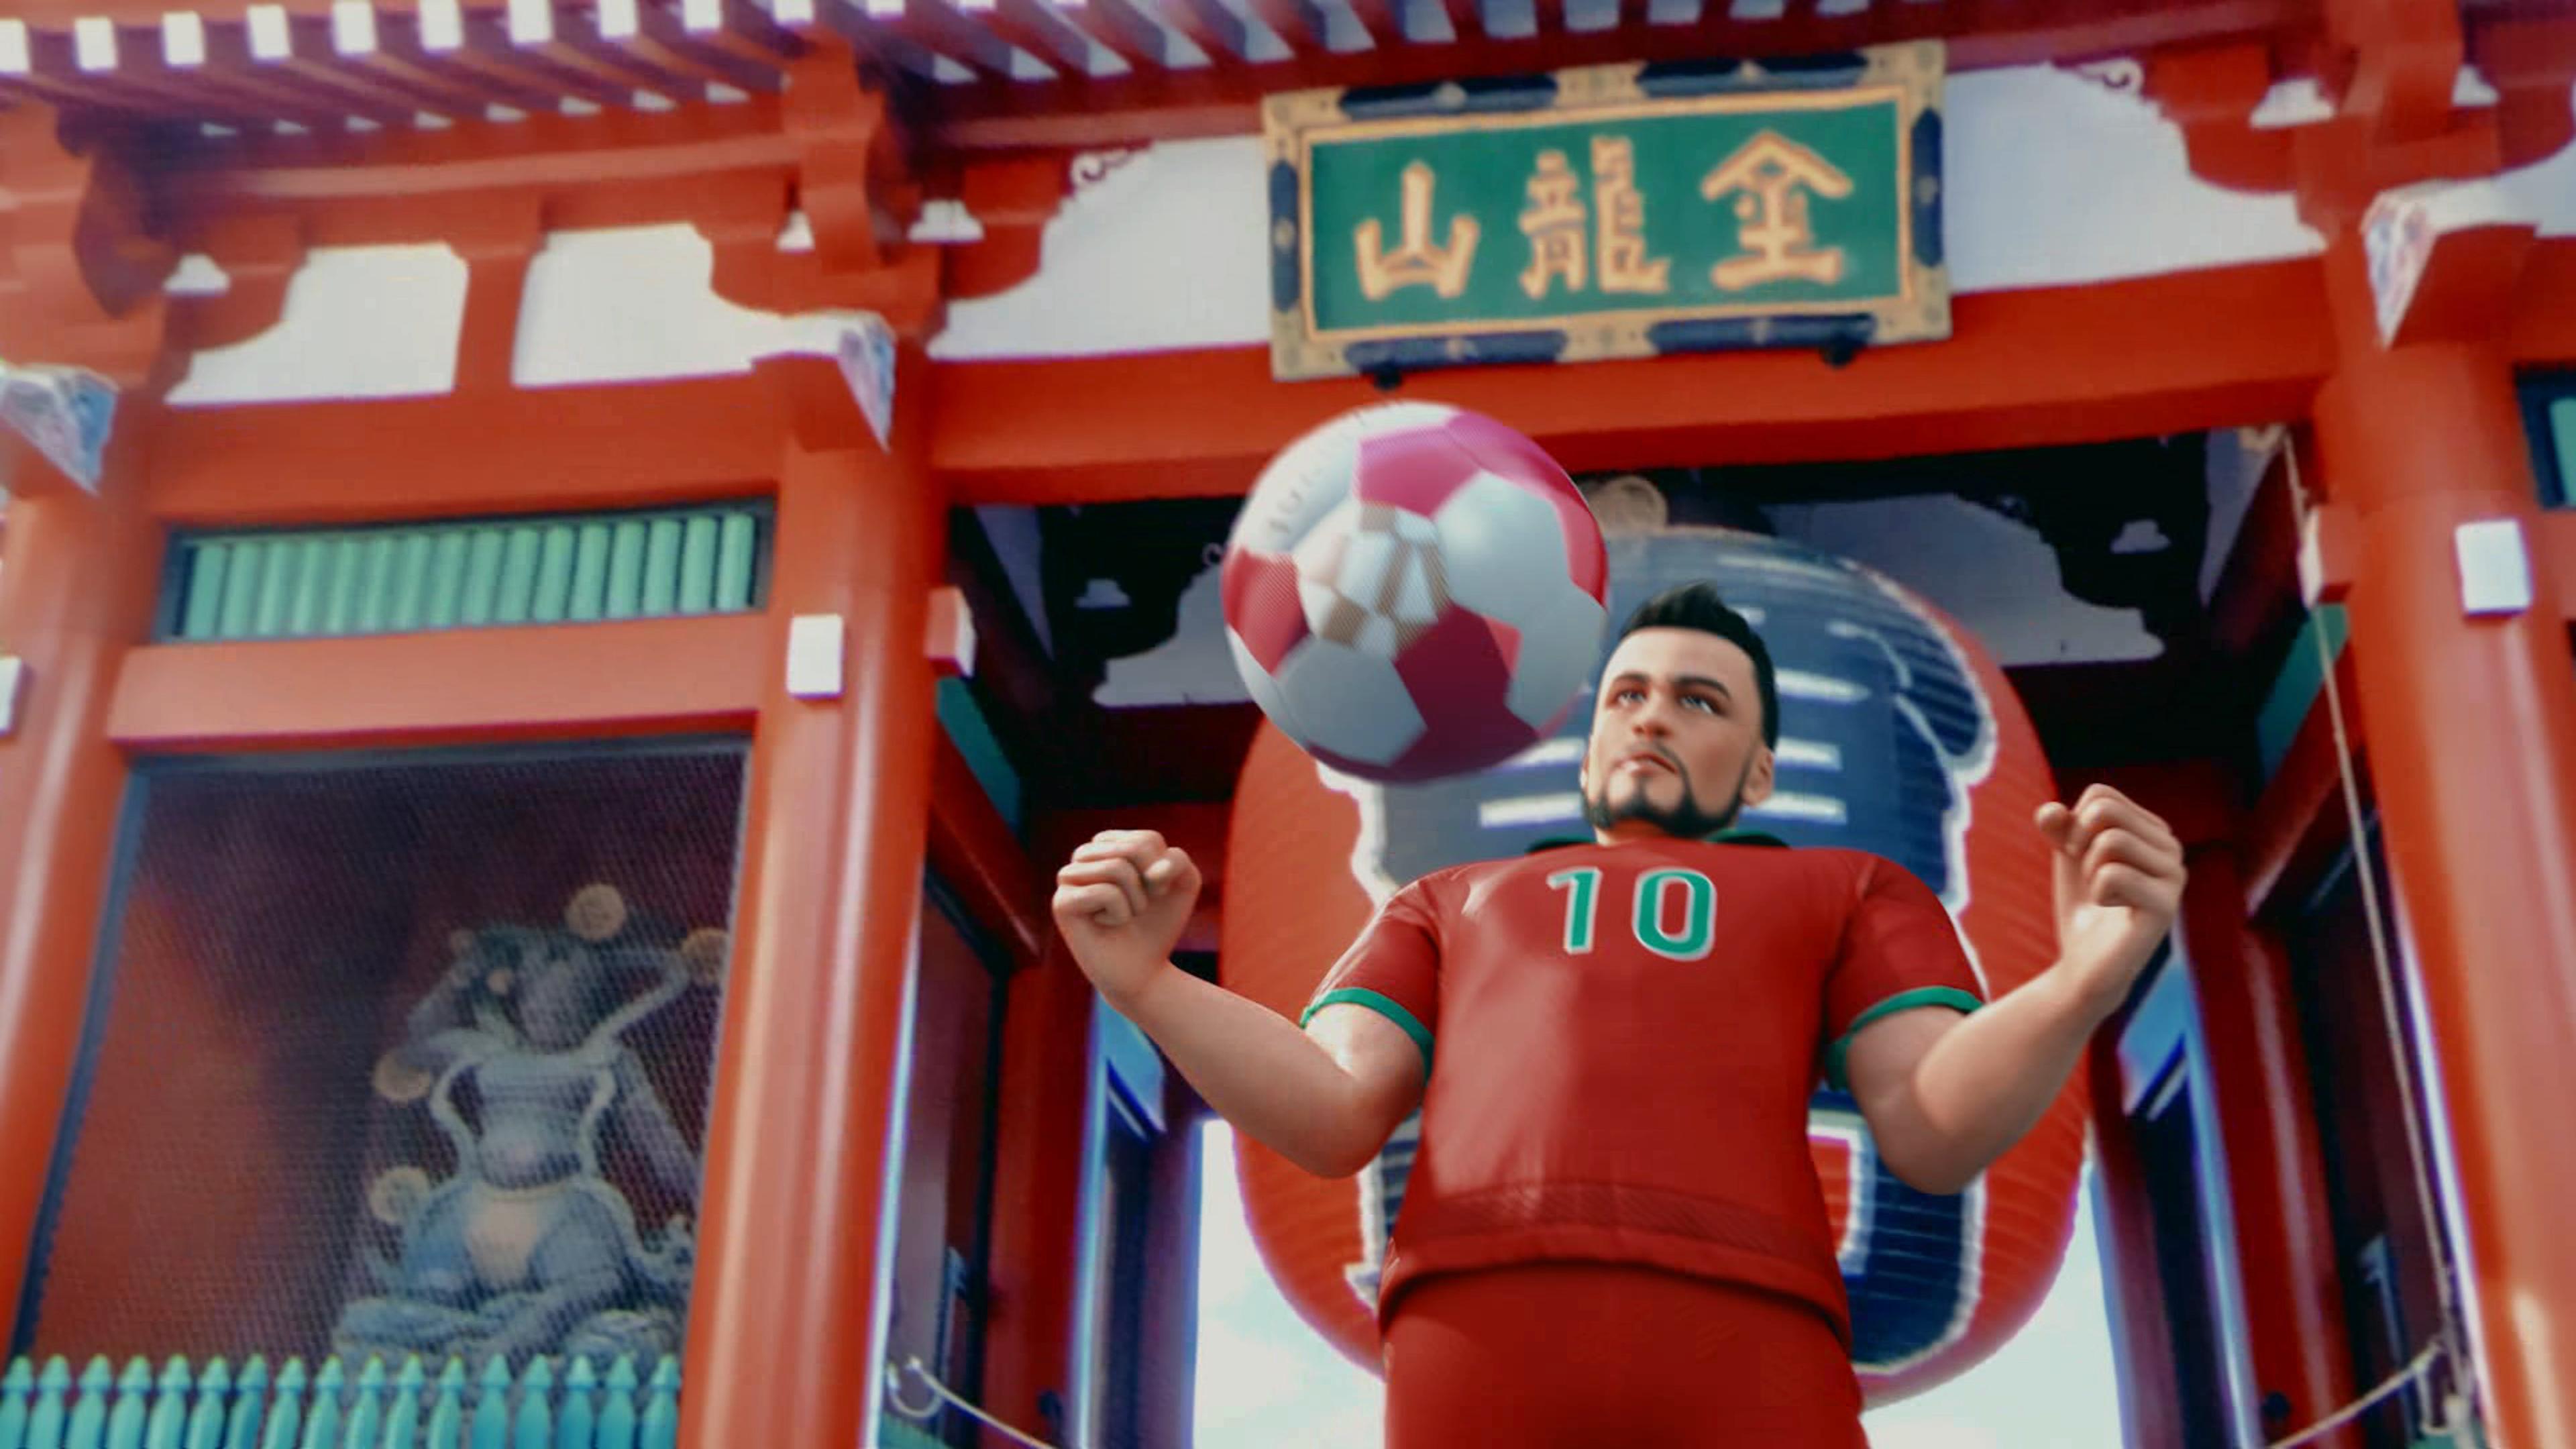 Jeux Olympiques de Tokyo 2020 – le jeu vidéo officiel™ (4)